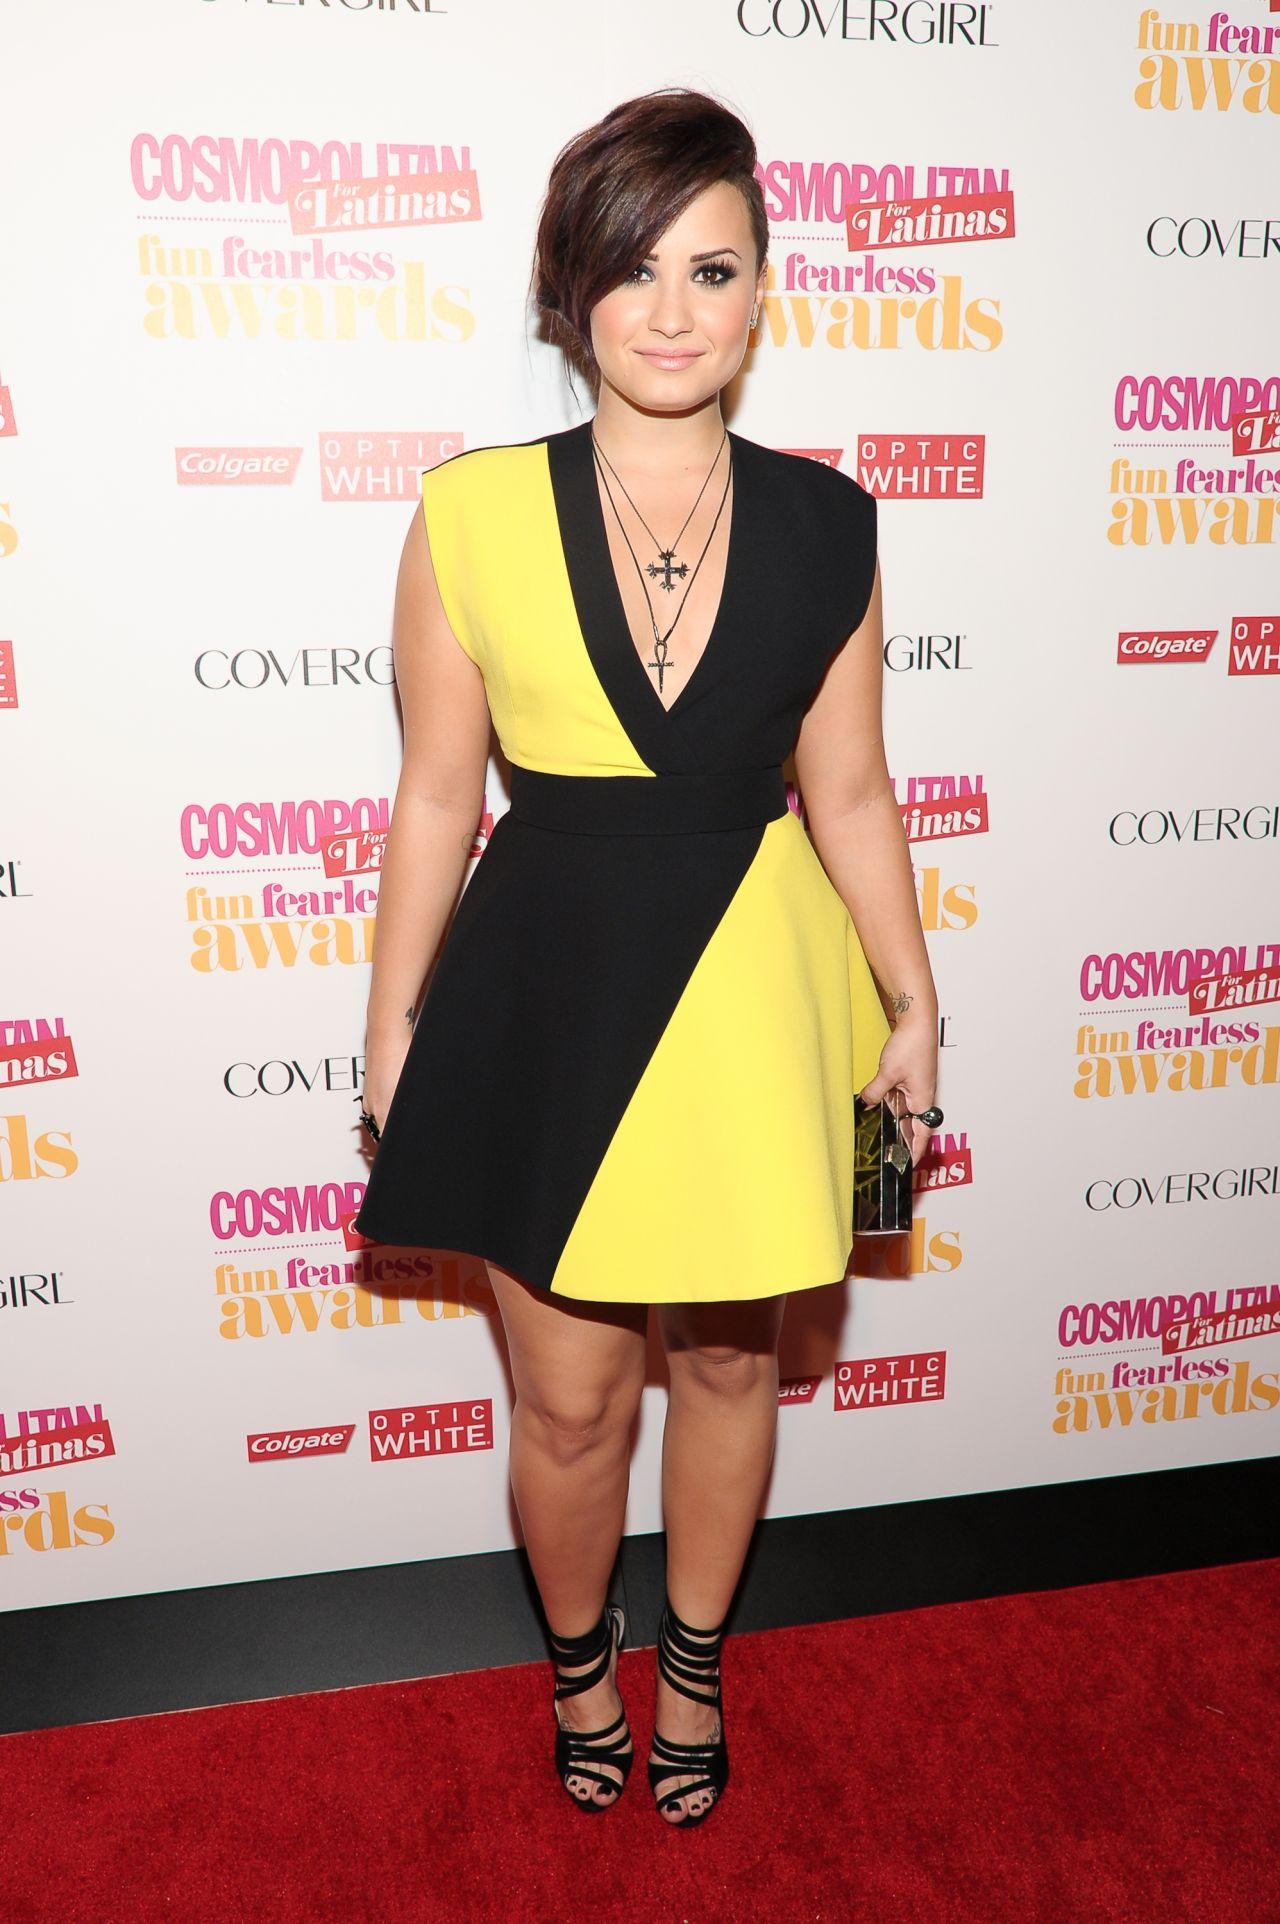 demi lovato cosmopolitan fun fearless latina awards in